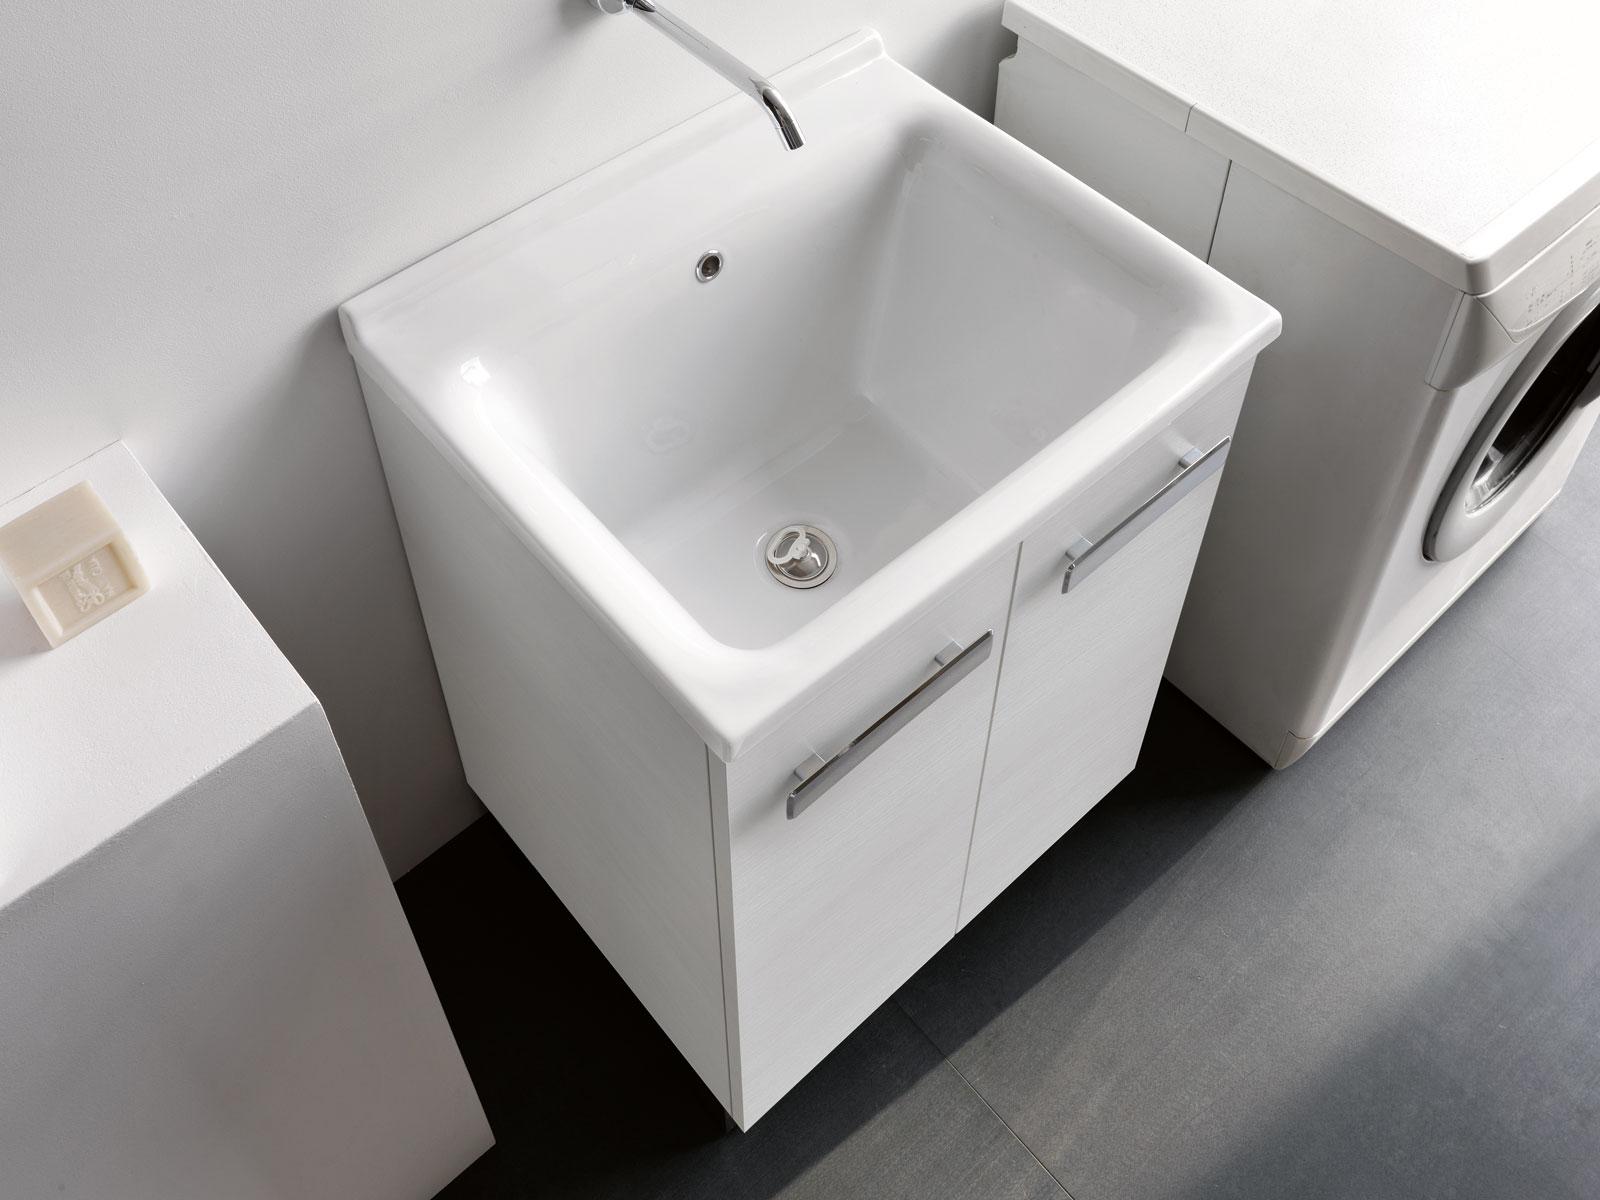 Lavatoio ceramica tutte le offerte cascare a fagiolo - Lavatoio ceramica con mobile ...